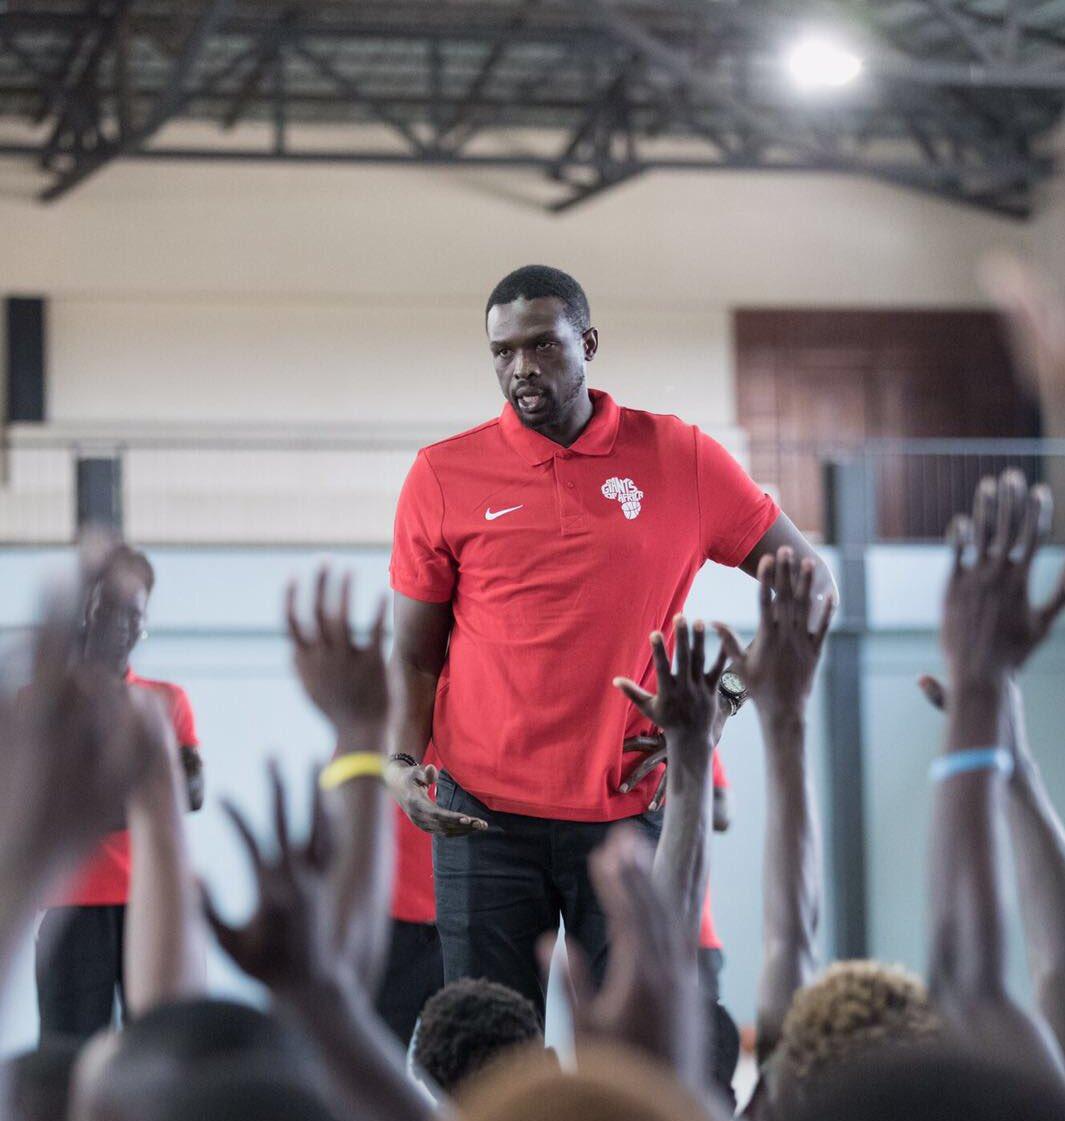 洛爾-鄧在肯尼亞參加籃球公益活動